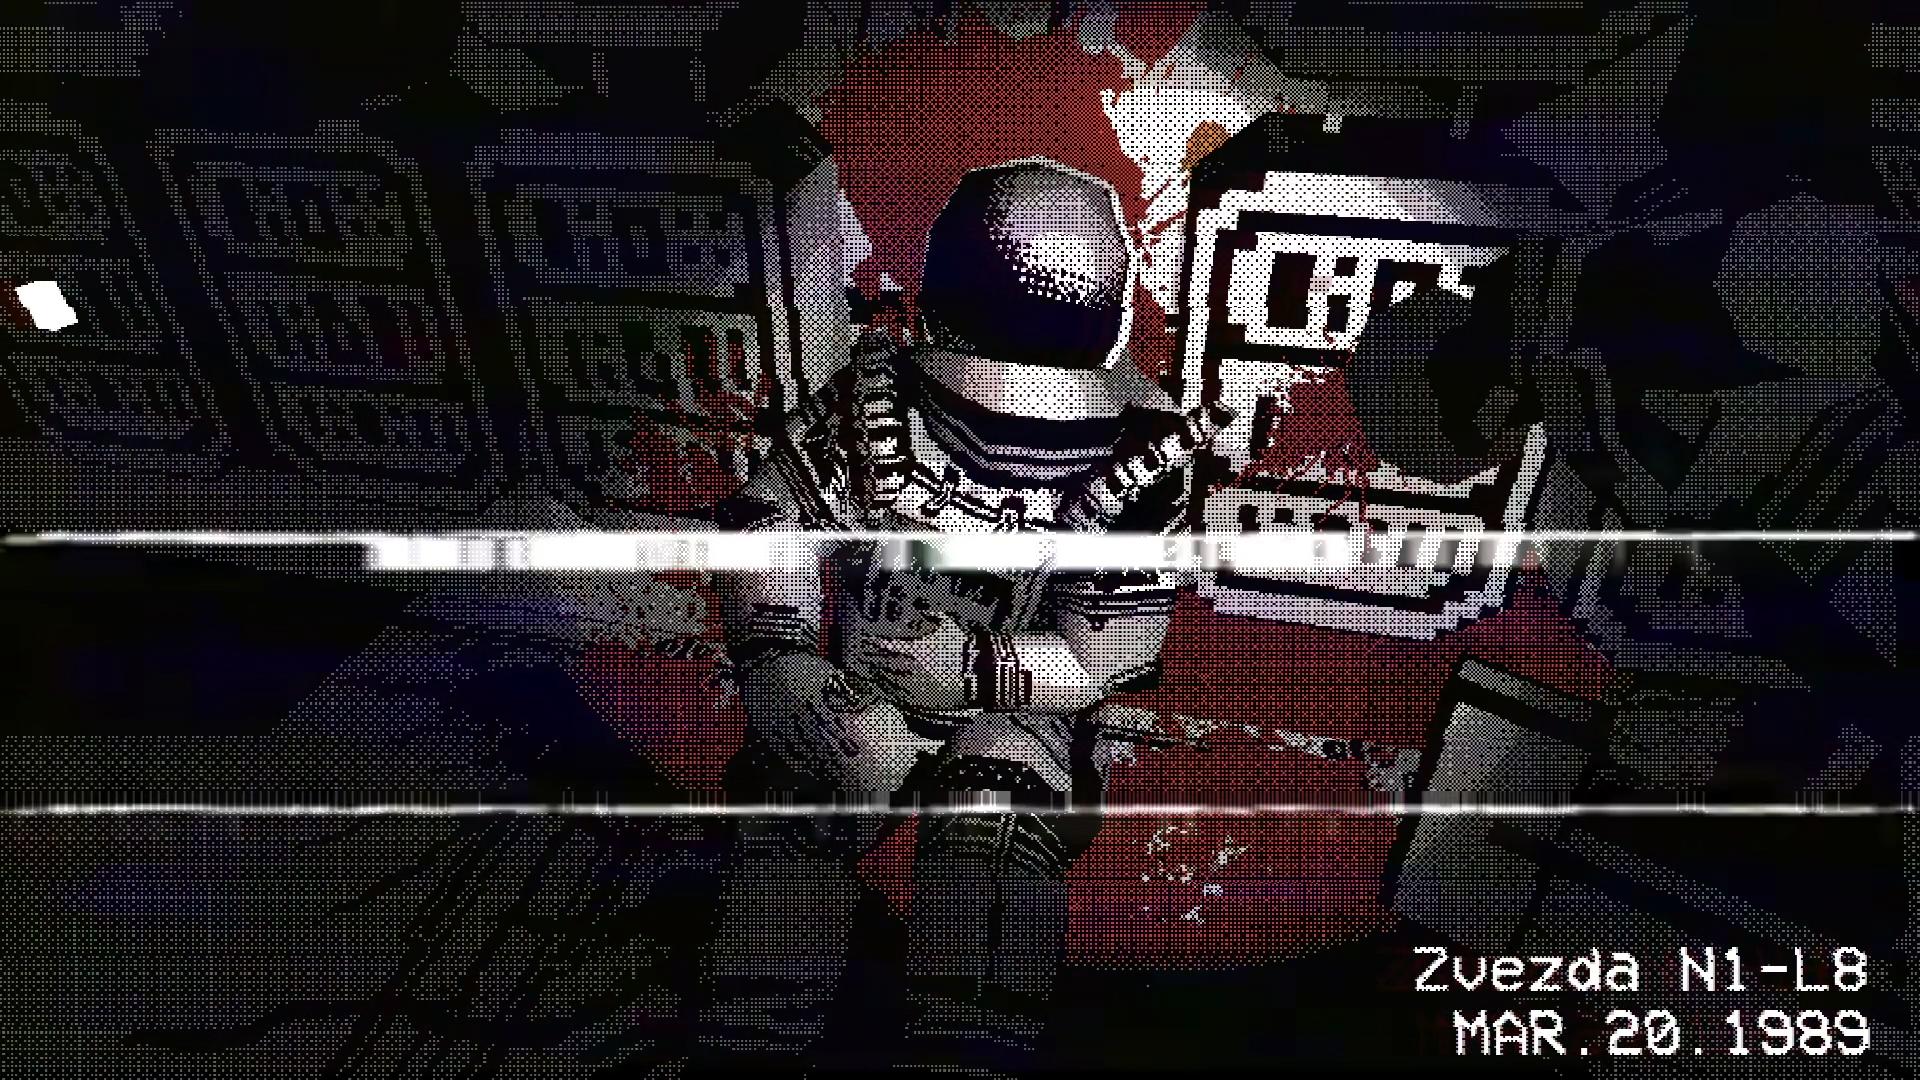 The Last Cosmonaut